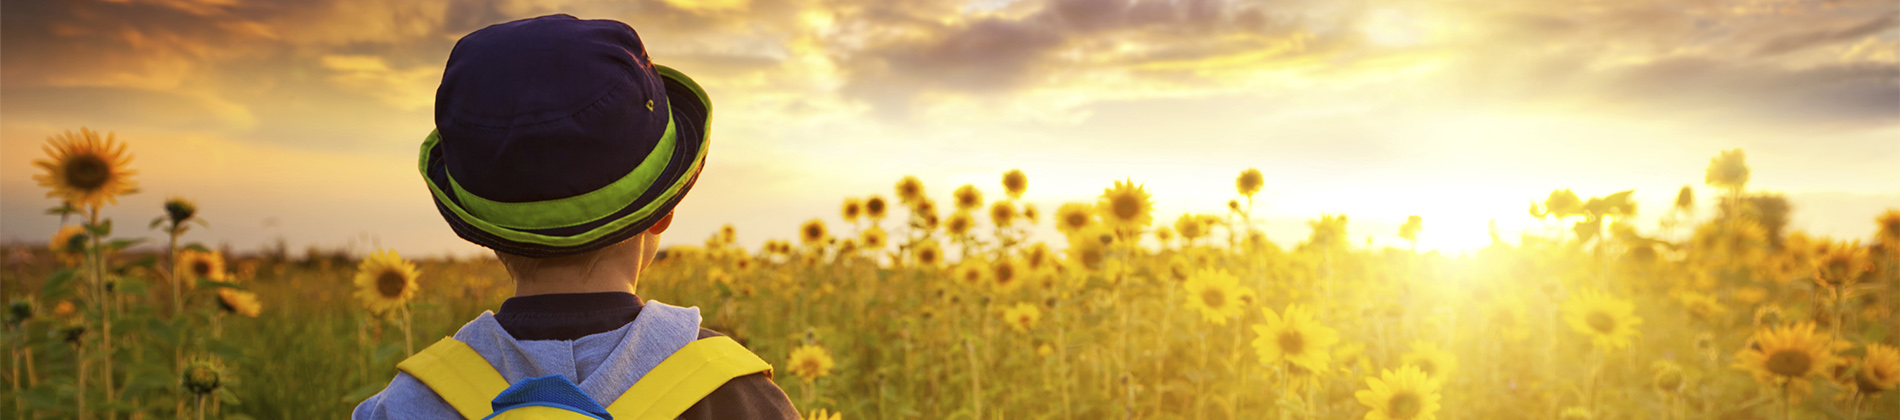 Image of a boy in a field